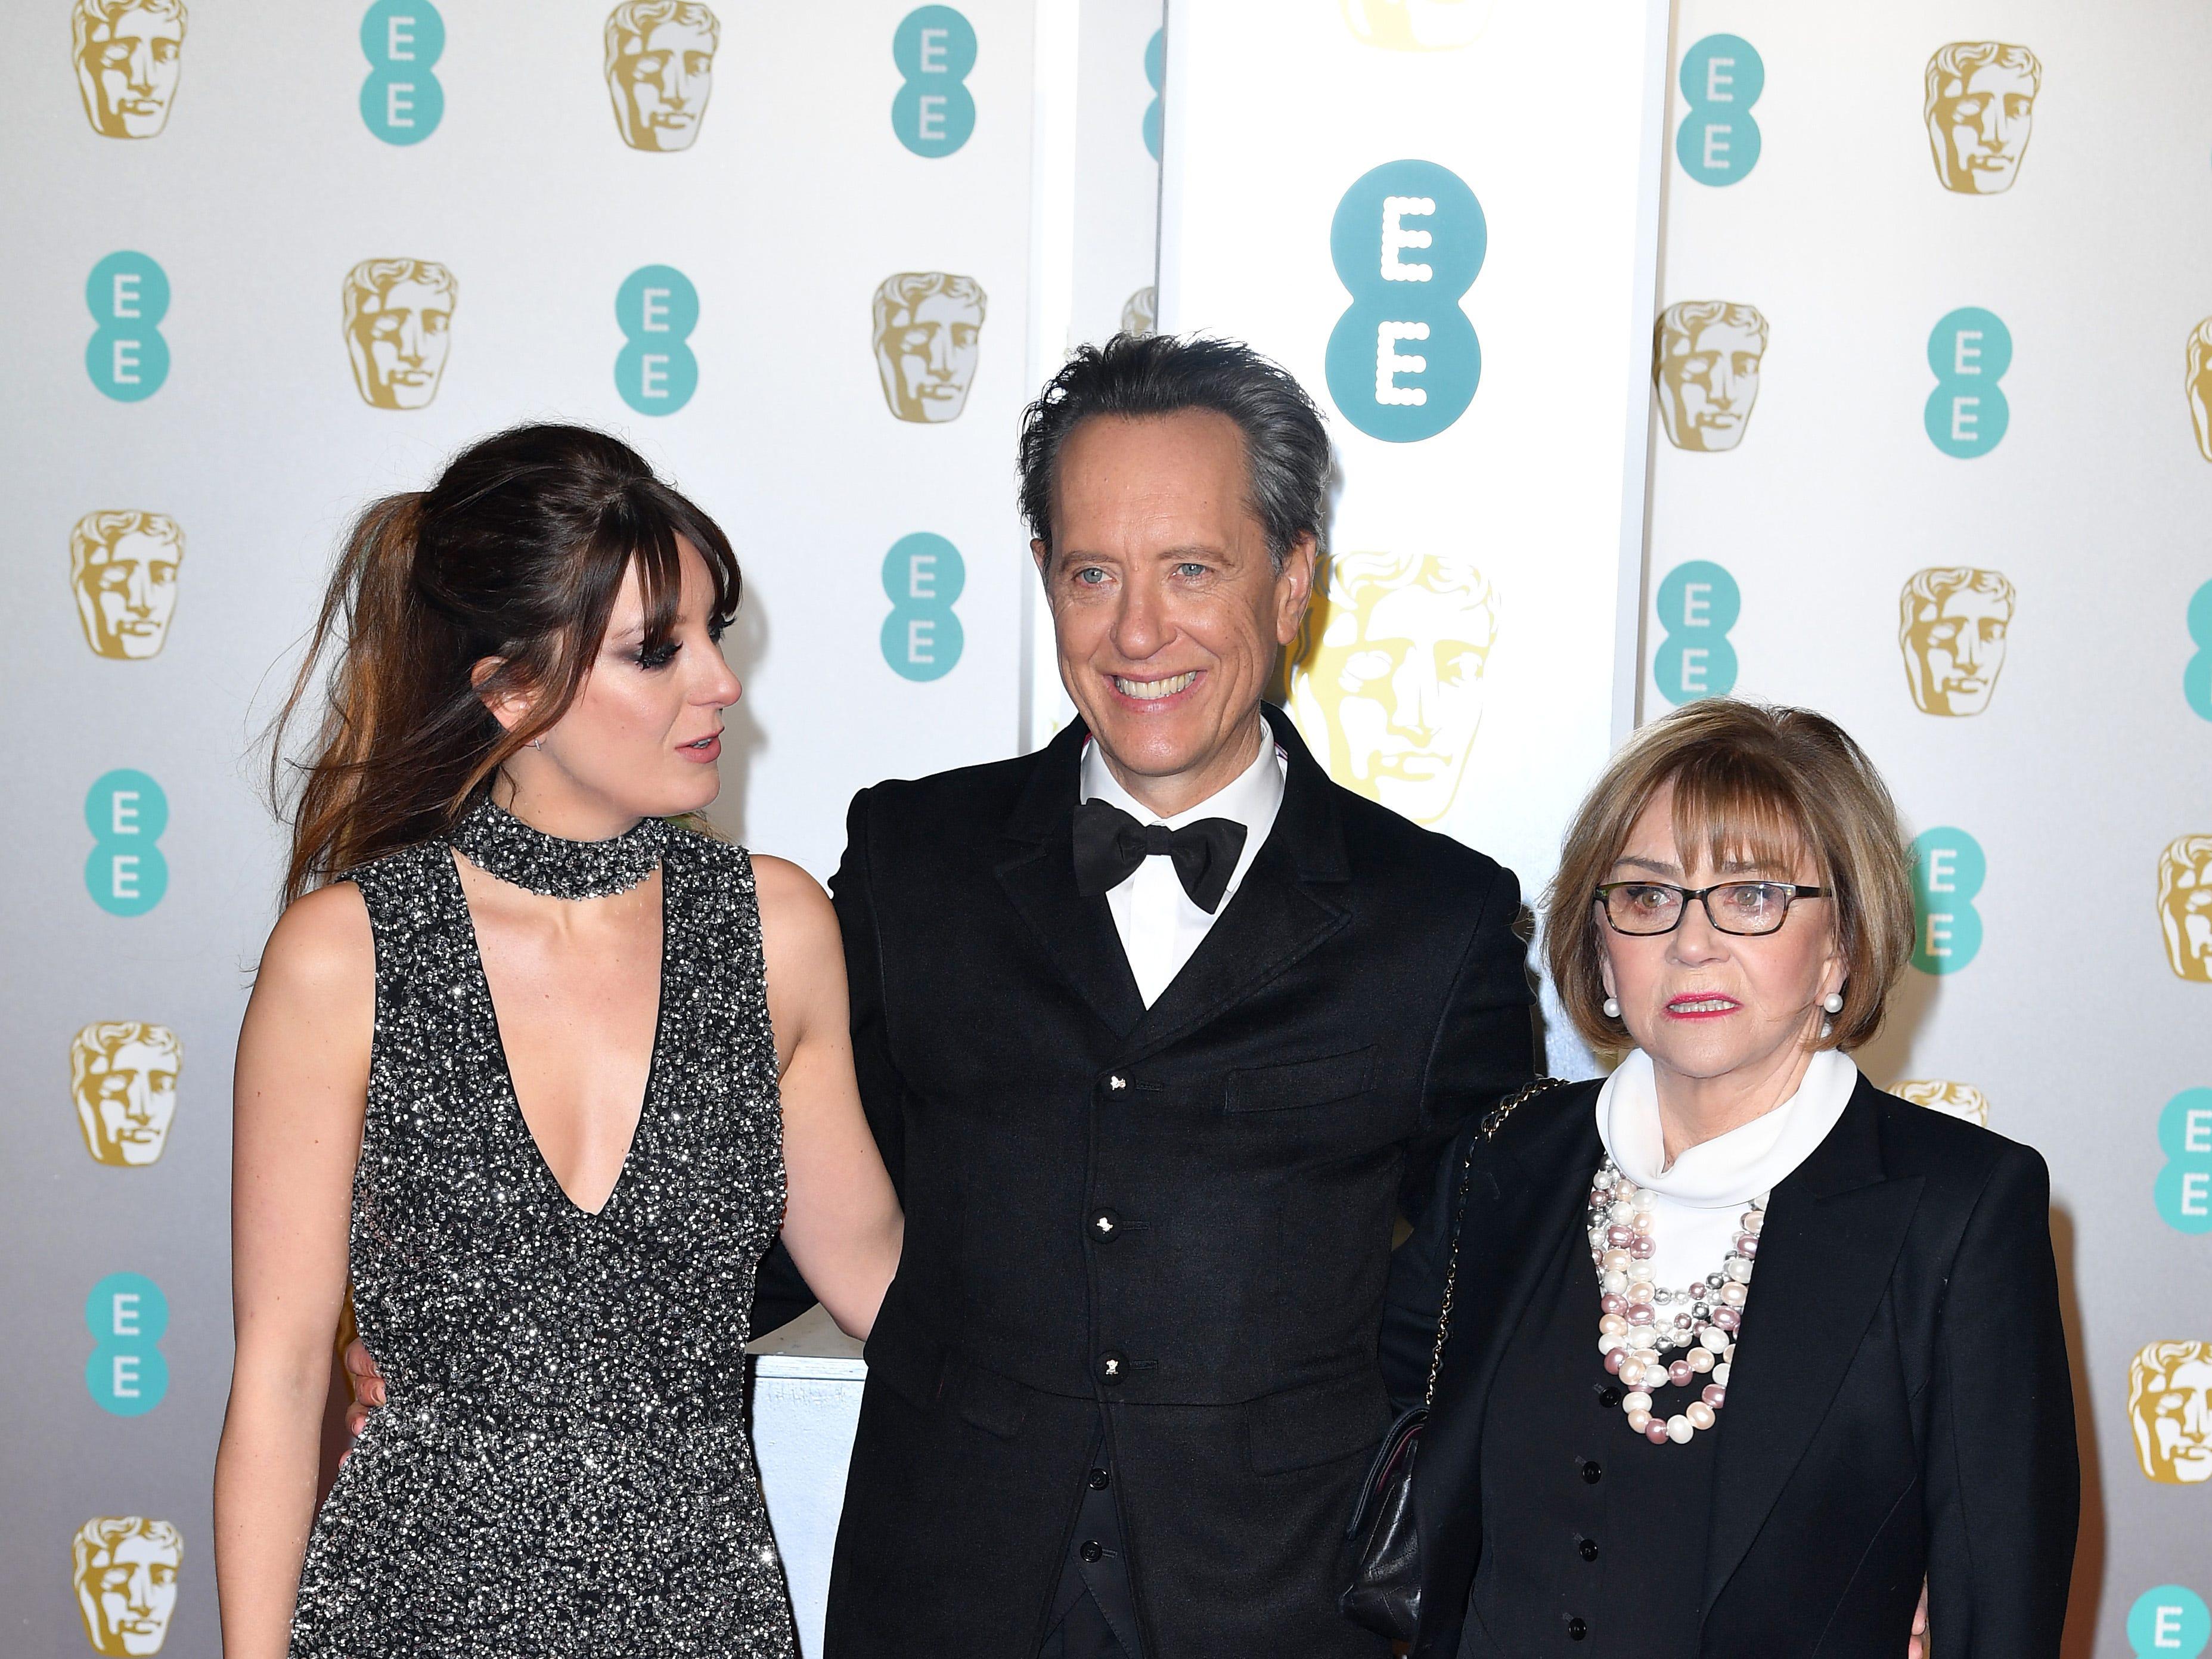 Richard E. Grant (centro) y Joan Washington a su llegada a la alfombra roja de los Premios de la Academia Británica de Cine BAFTA en el Royal Albert Hall en Londres el 10 de febrero de 2019.